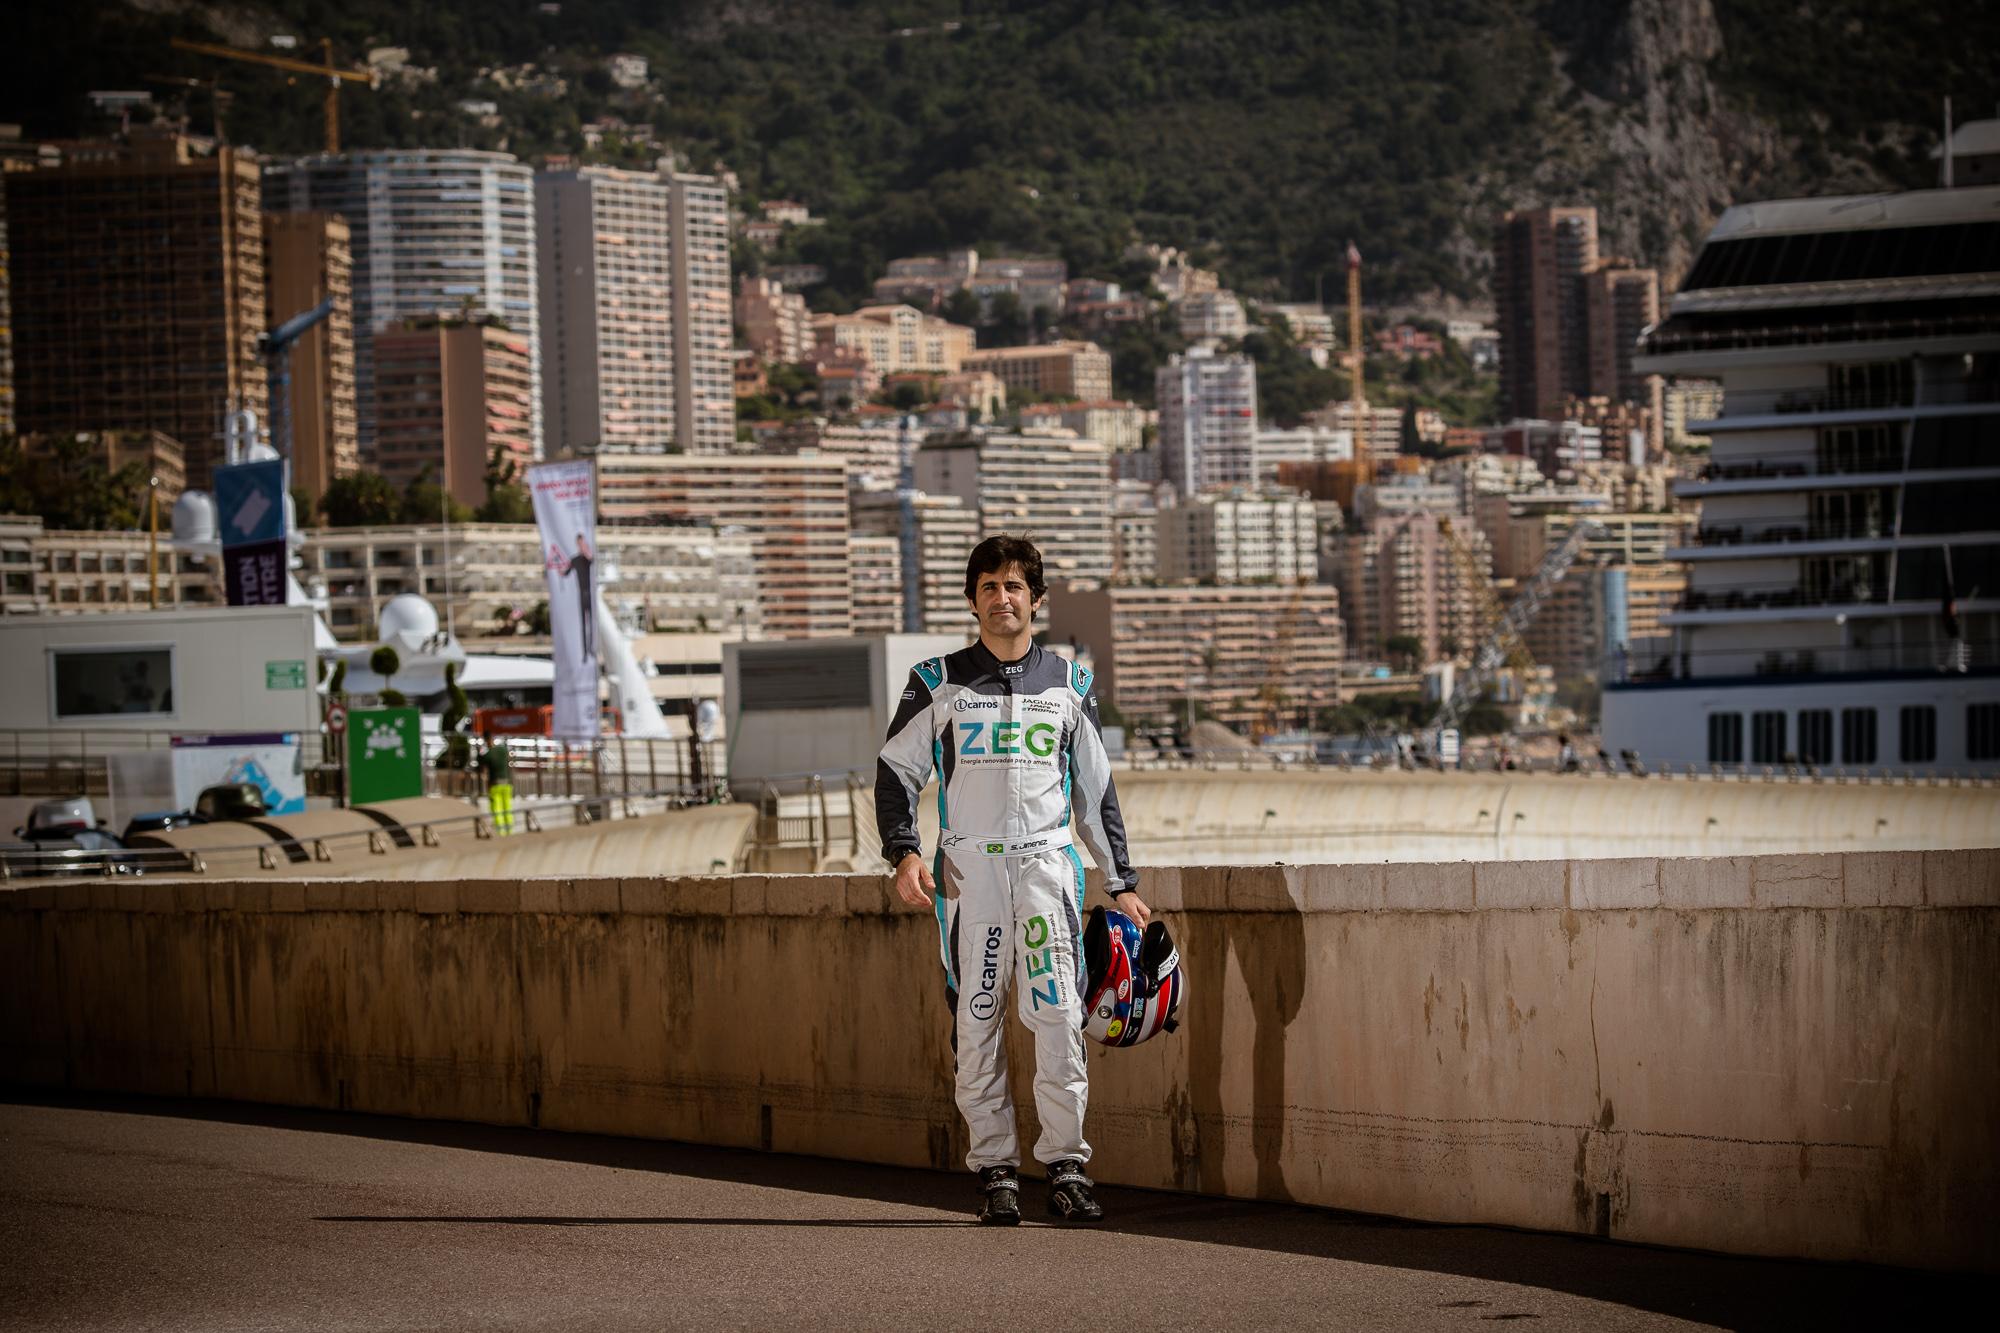 Jaguar_7.Monaco_josemariodias_01042